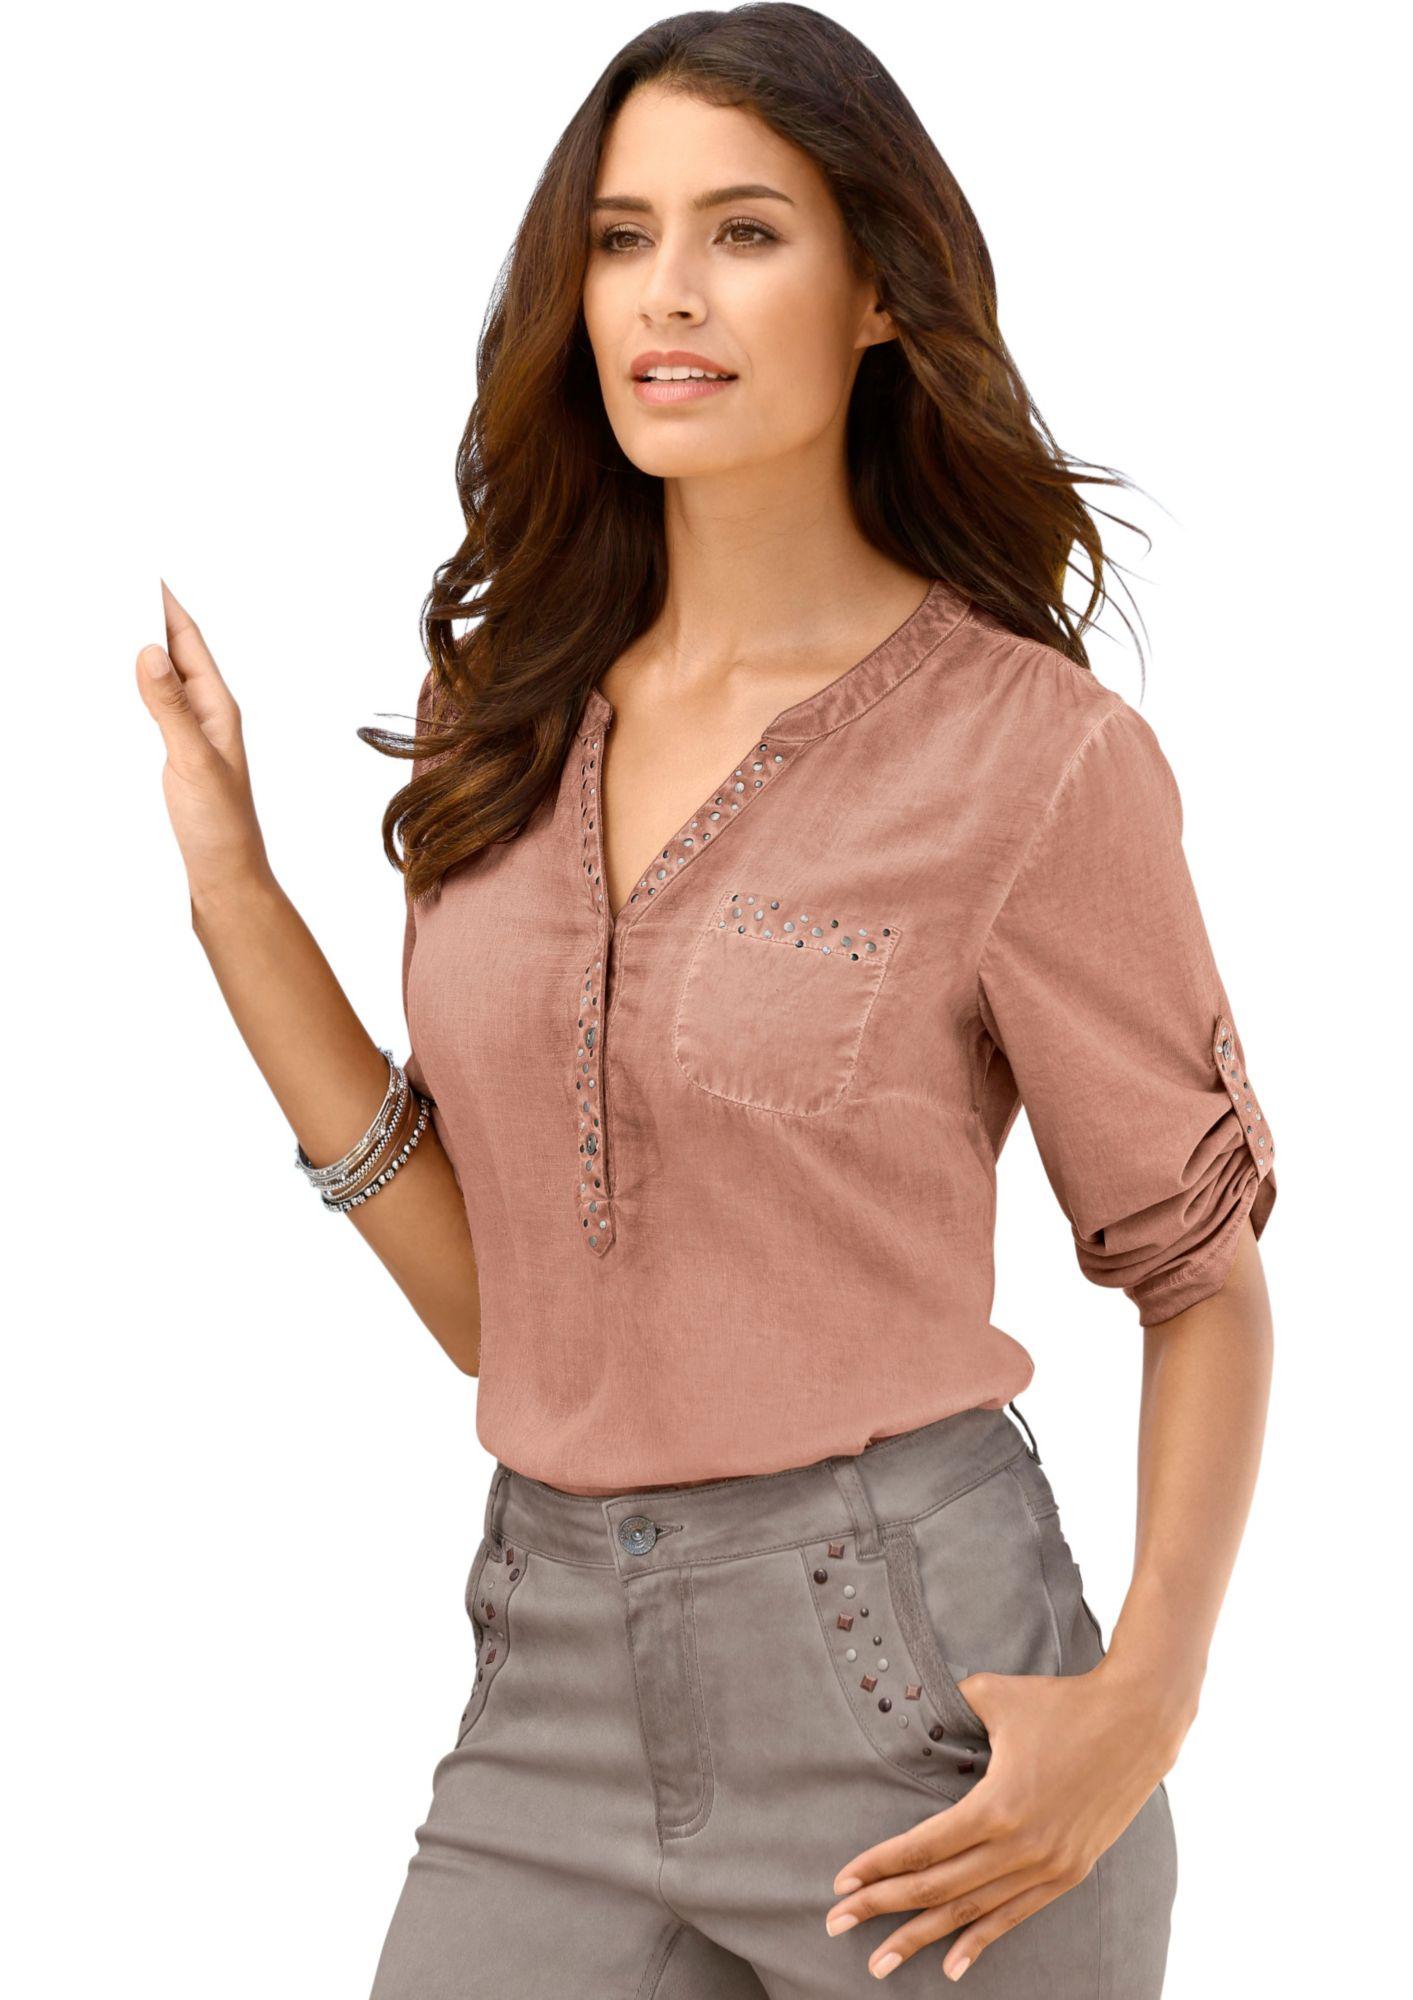 CLASSIC INSPIRATIONEN Classic Inspirationen Bluse mit dekorativen Ziernieten